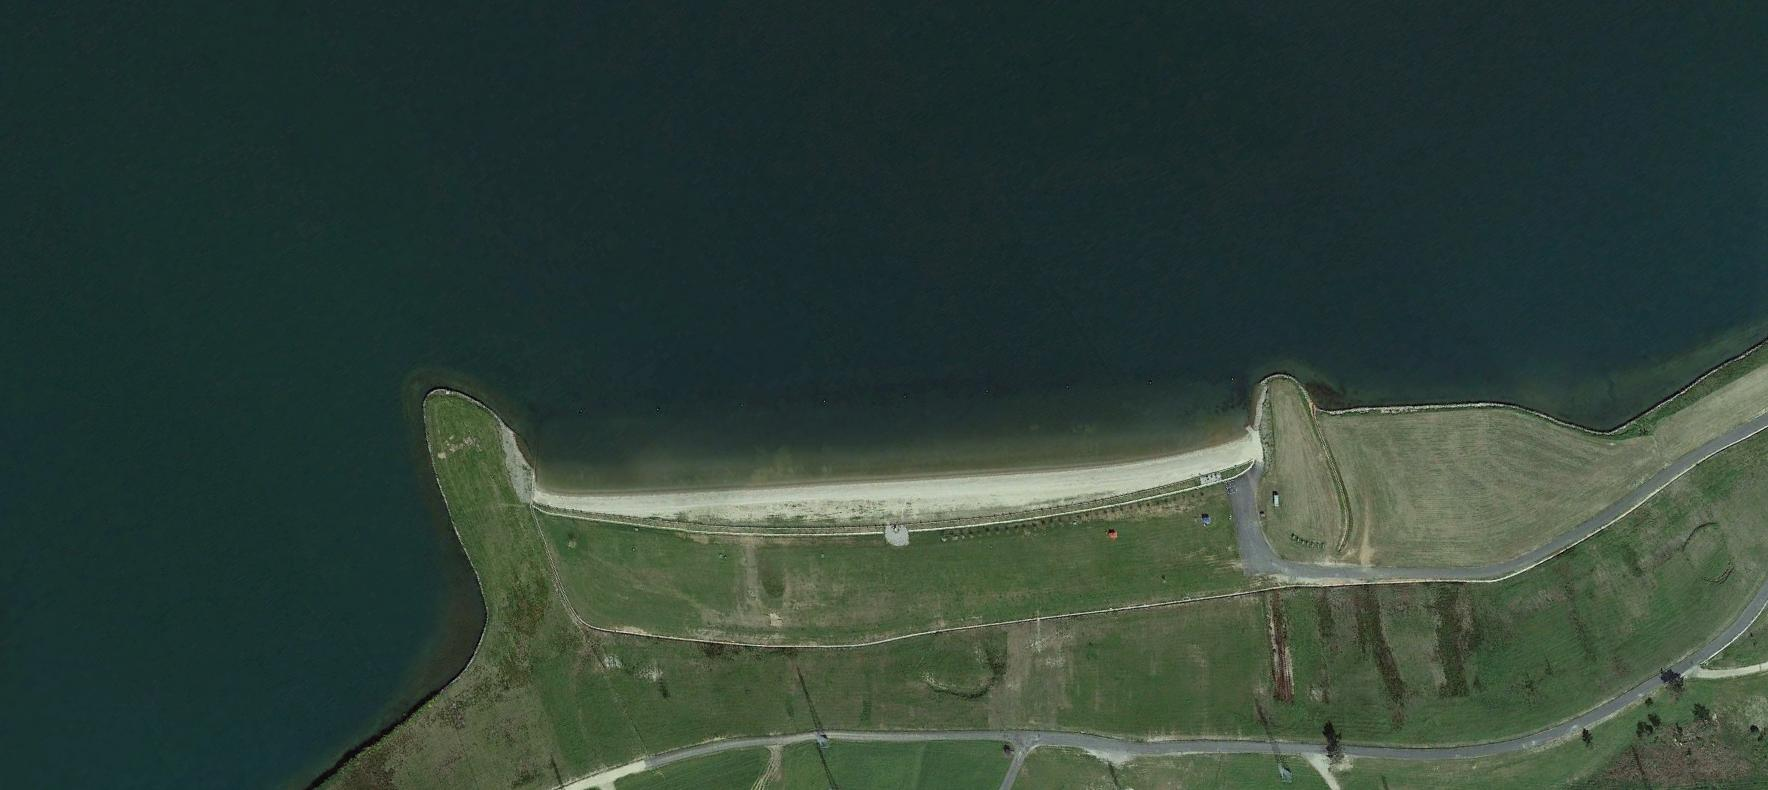 praia da lagoa de as pontes, a coruña, restauraciones a go-go, después, urbanismo, planeamiento, urbano, desastre, urbanístico, construcción, rotondas, carretera